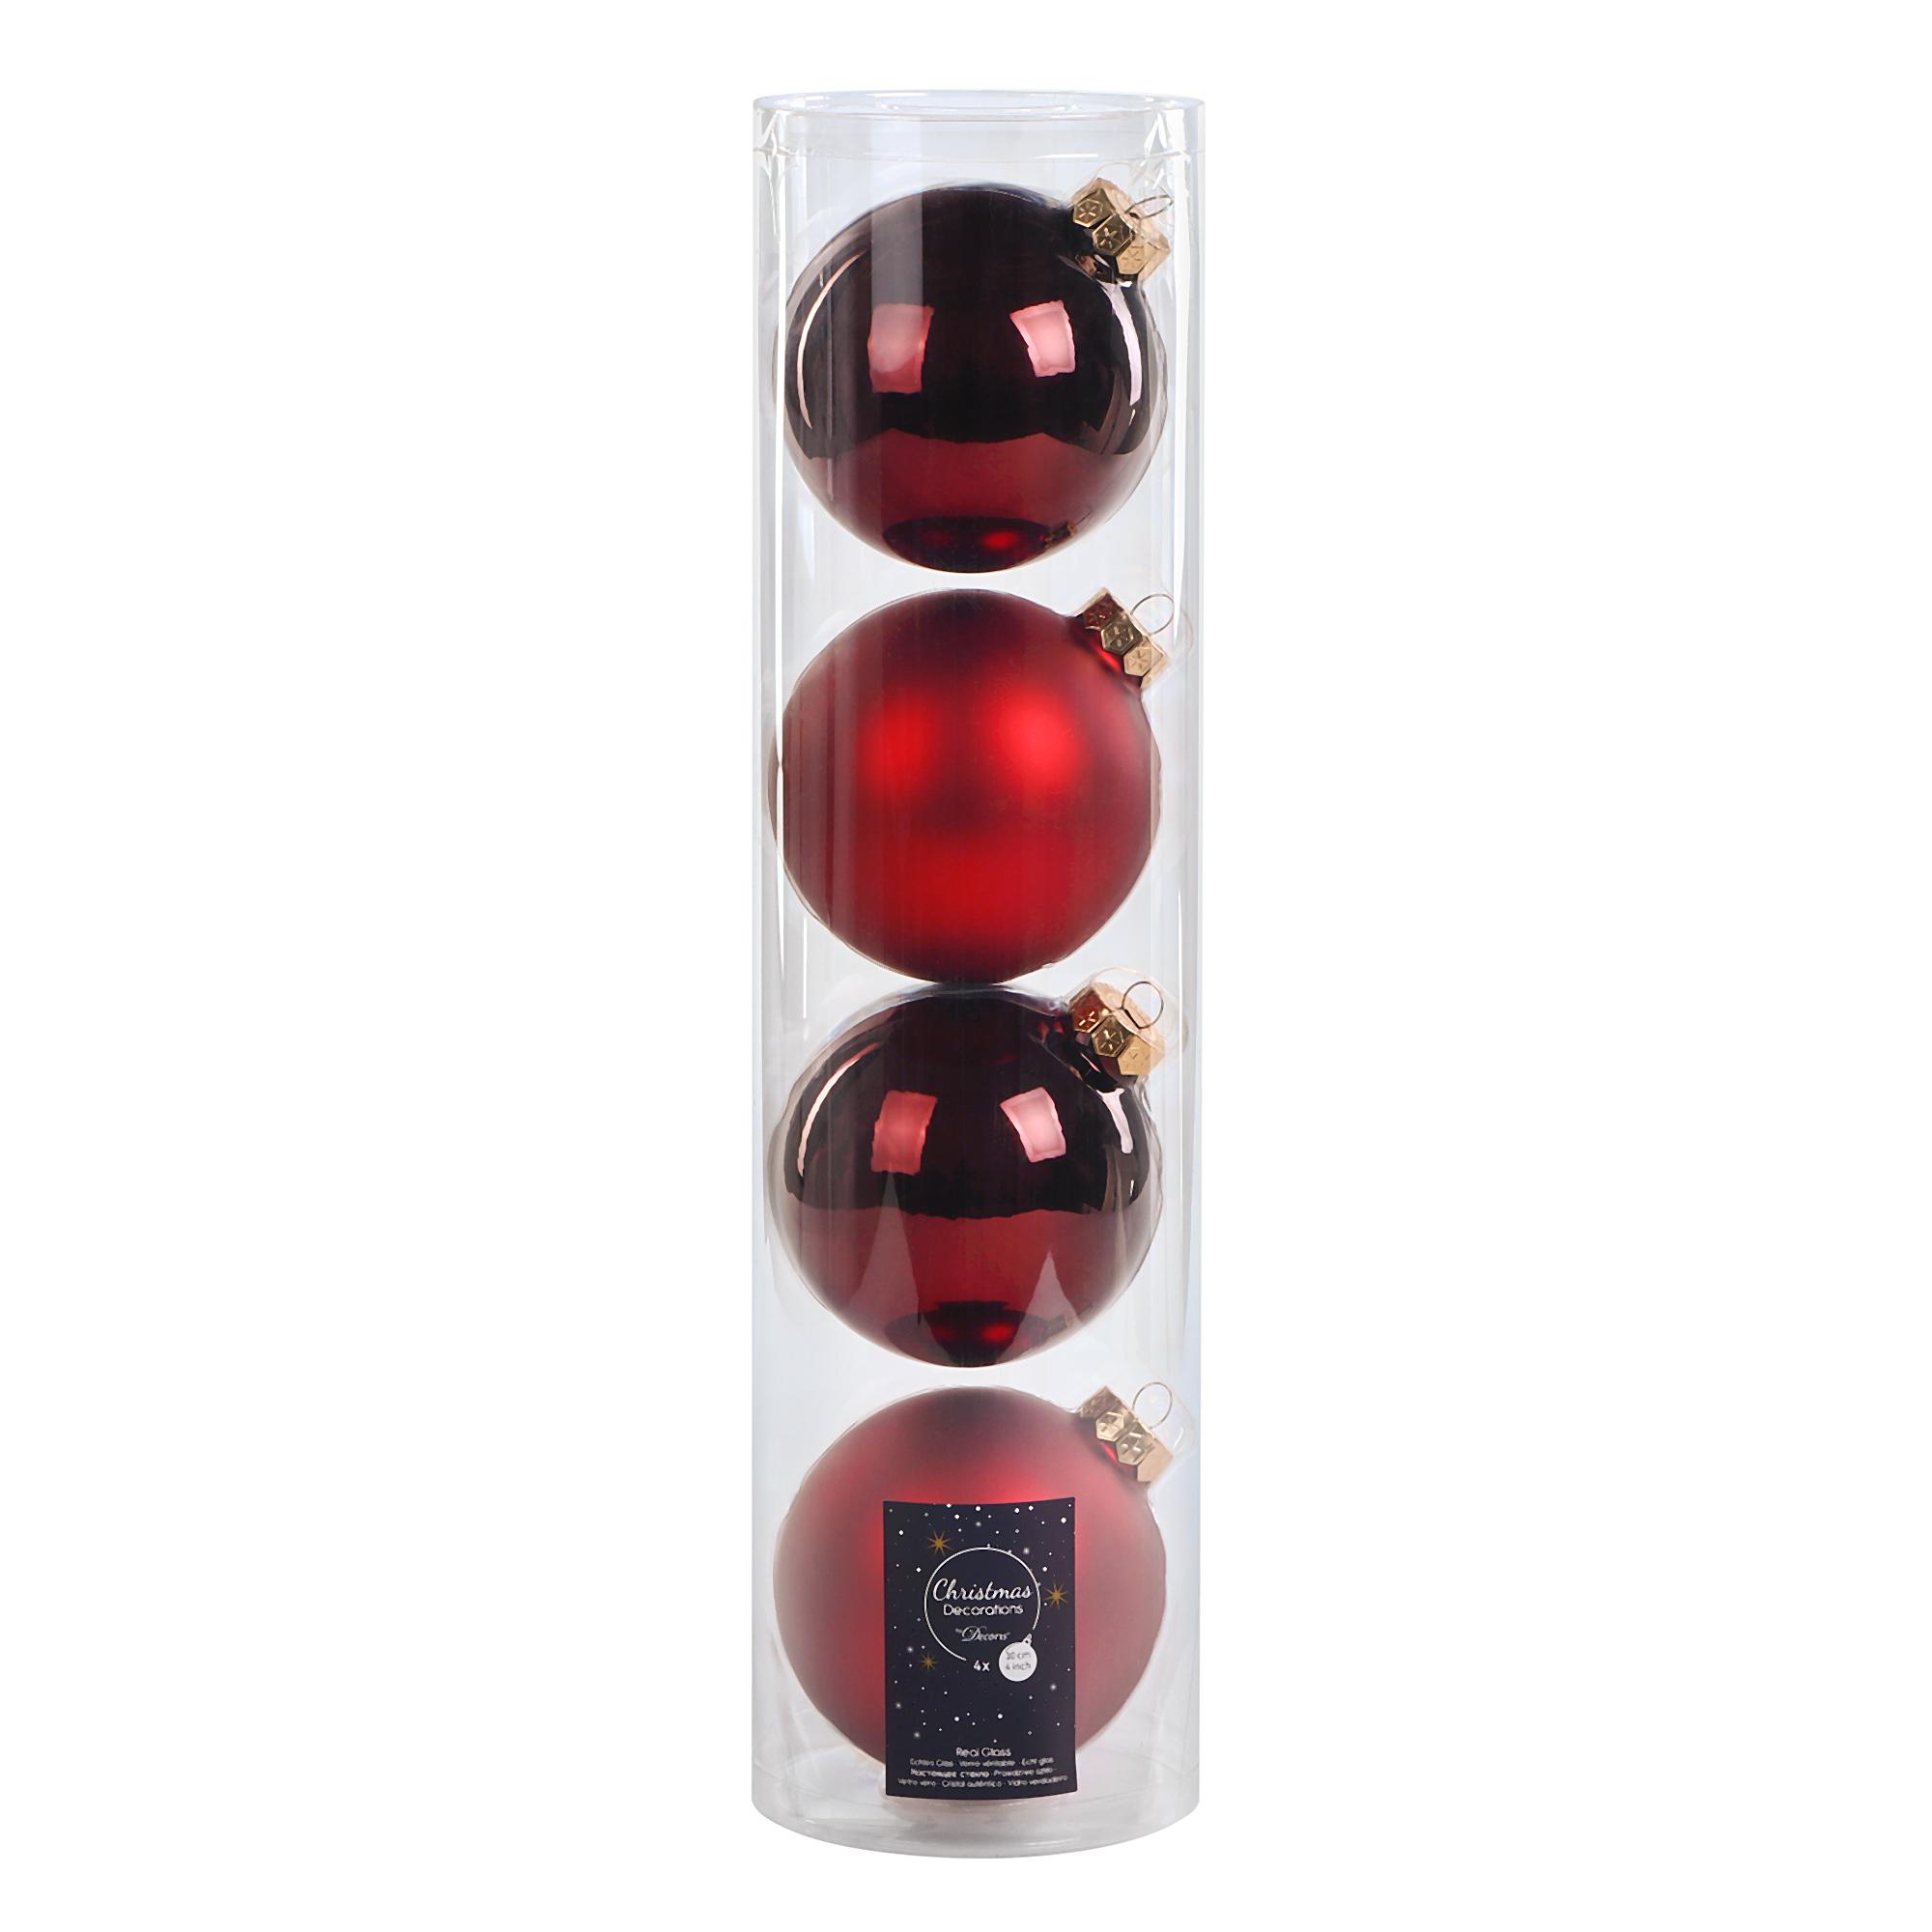 Набор шаров в тубе Kaemingk 10см 4шт бордо стекло набор шаров в тубе kaemingk 6см 10шт бордо стекло